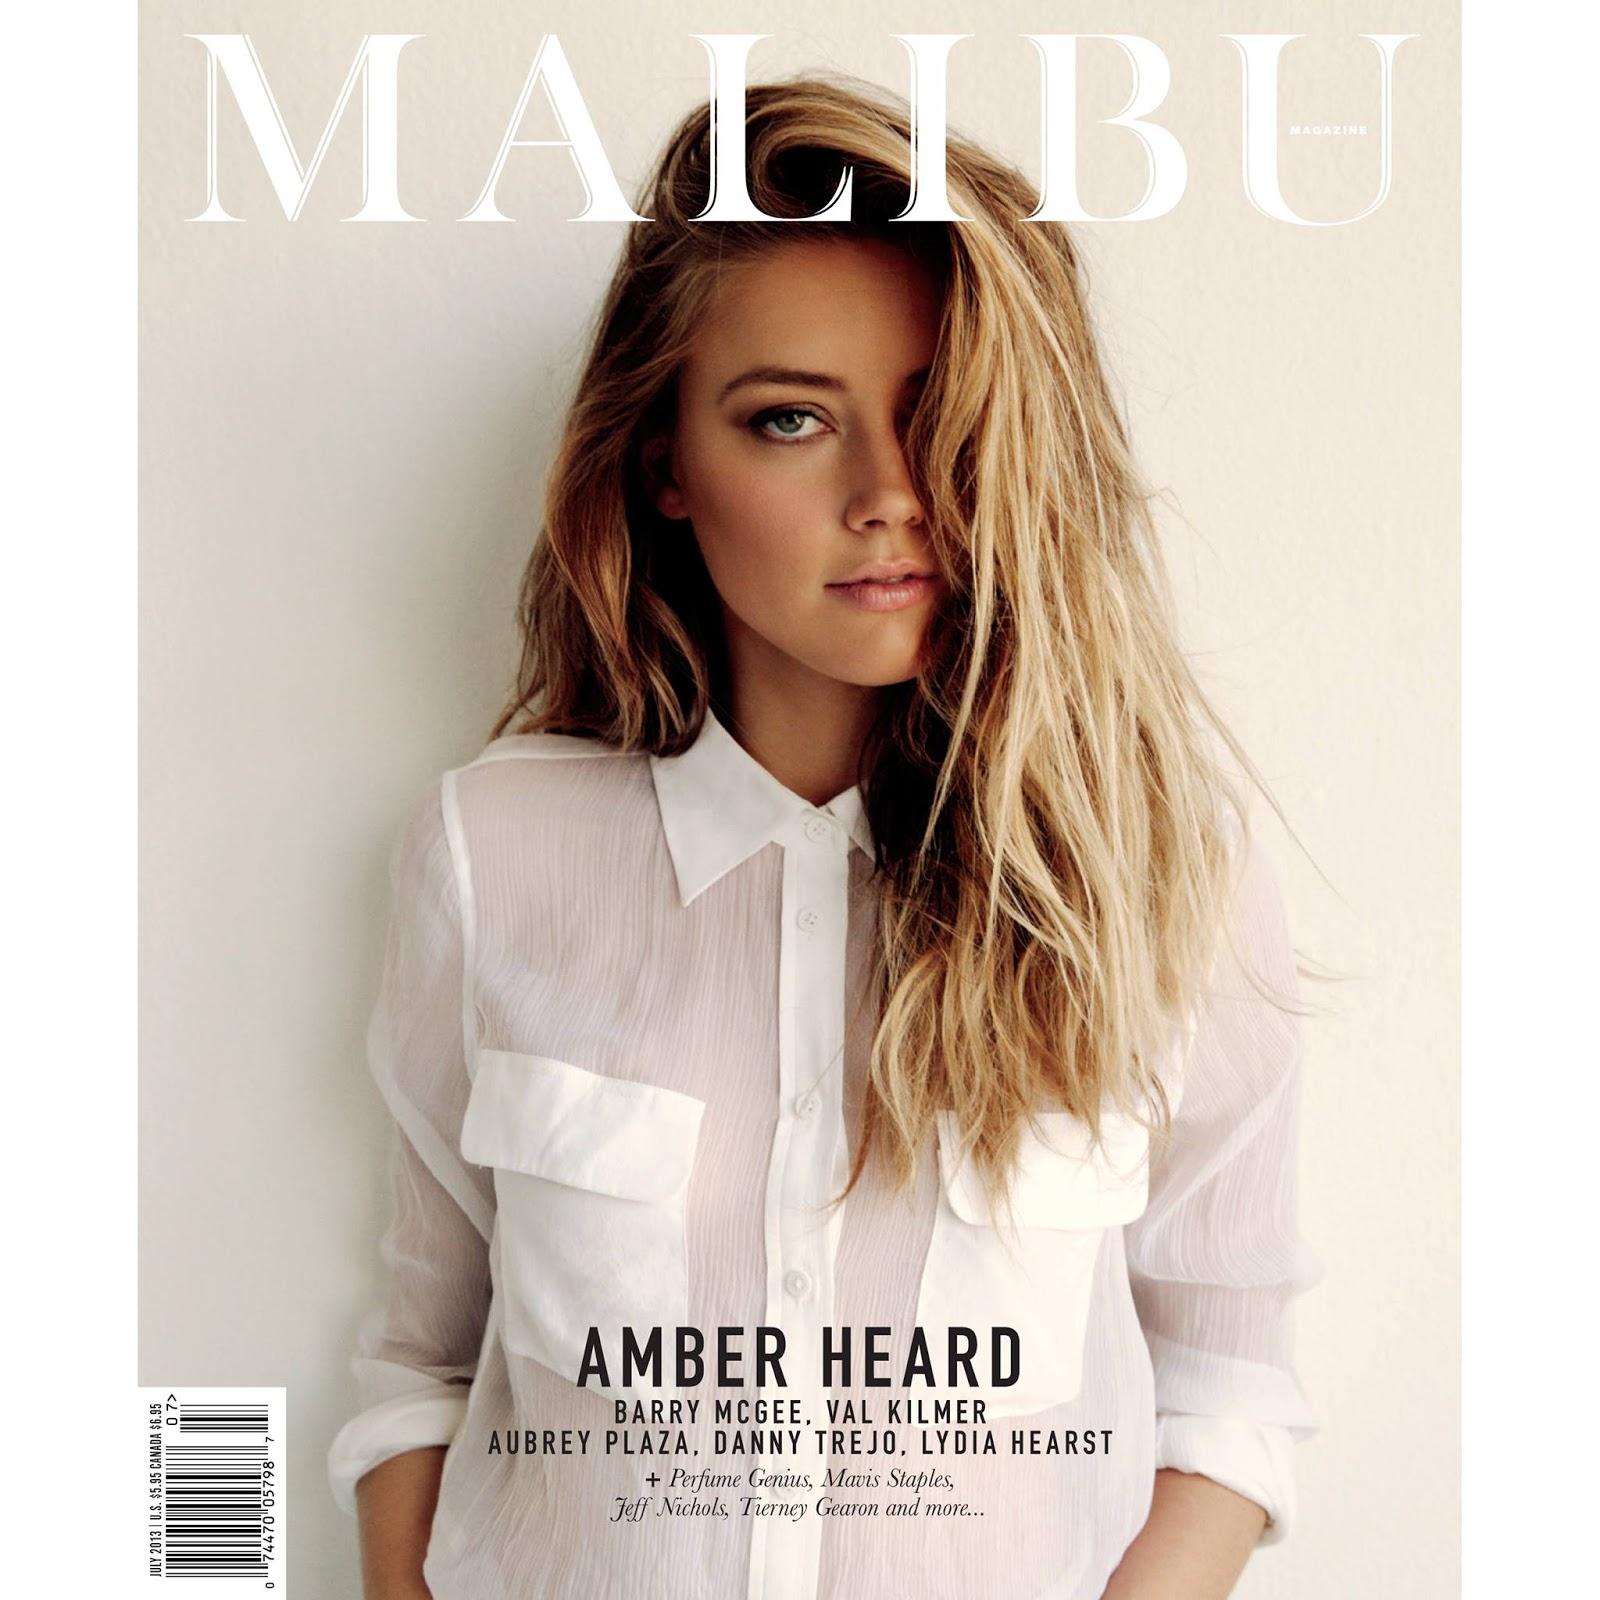 202d9569fa Retro Bikini: Amber Heard in the pages of Malibu Magazine for July ...